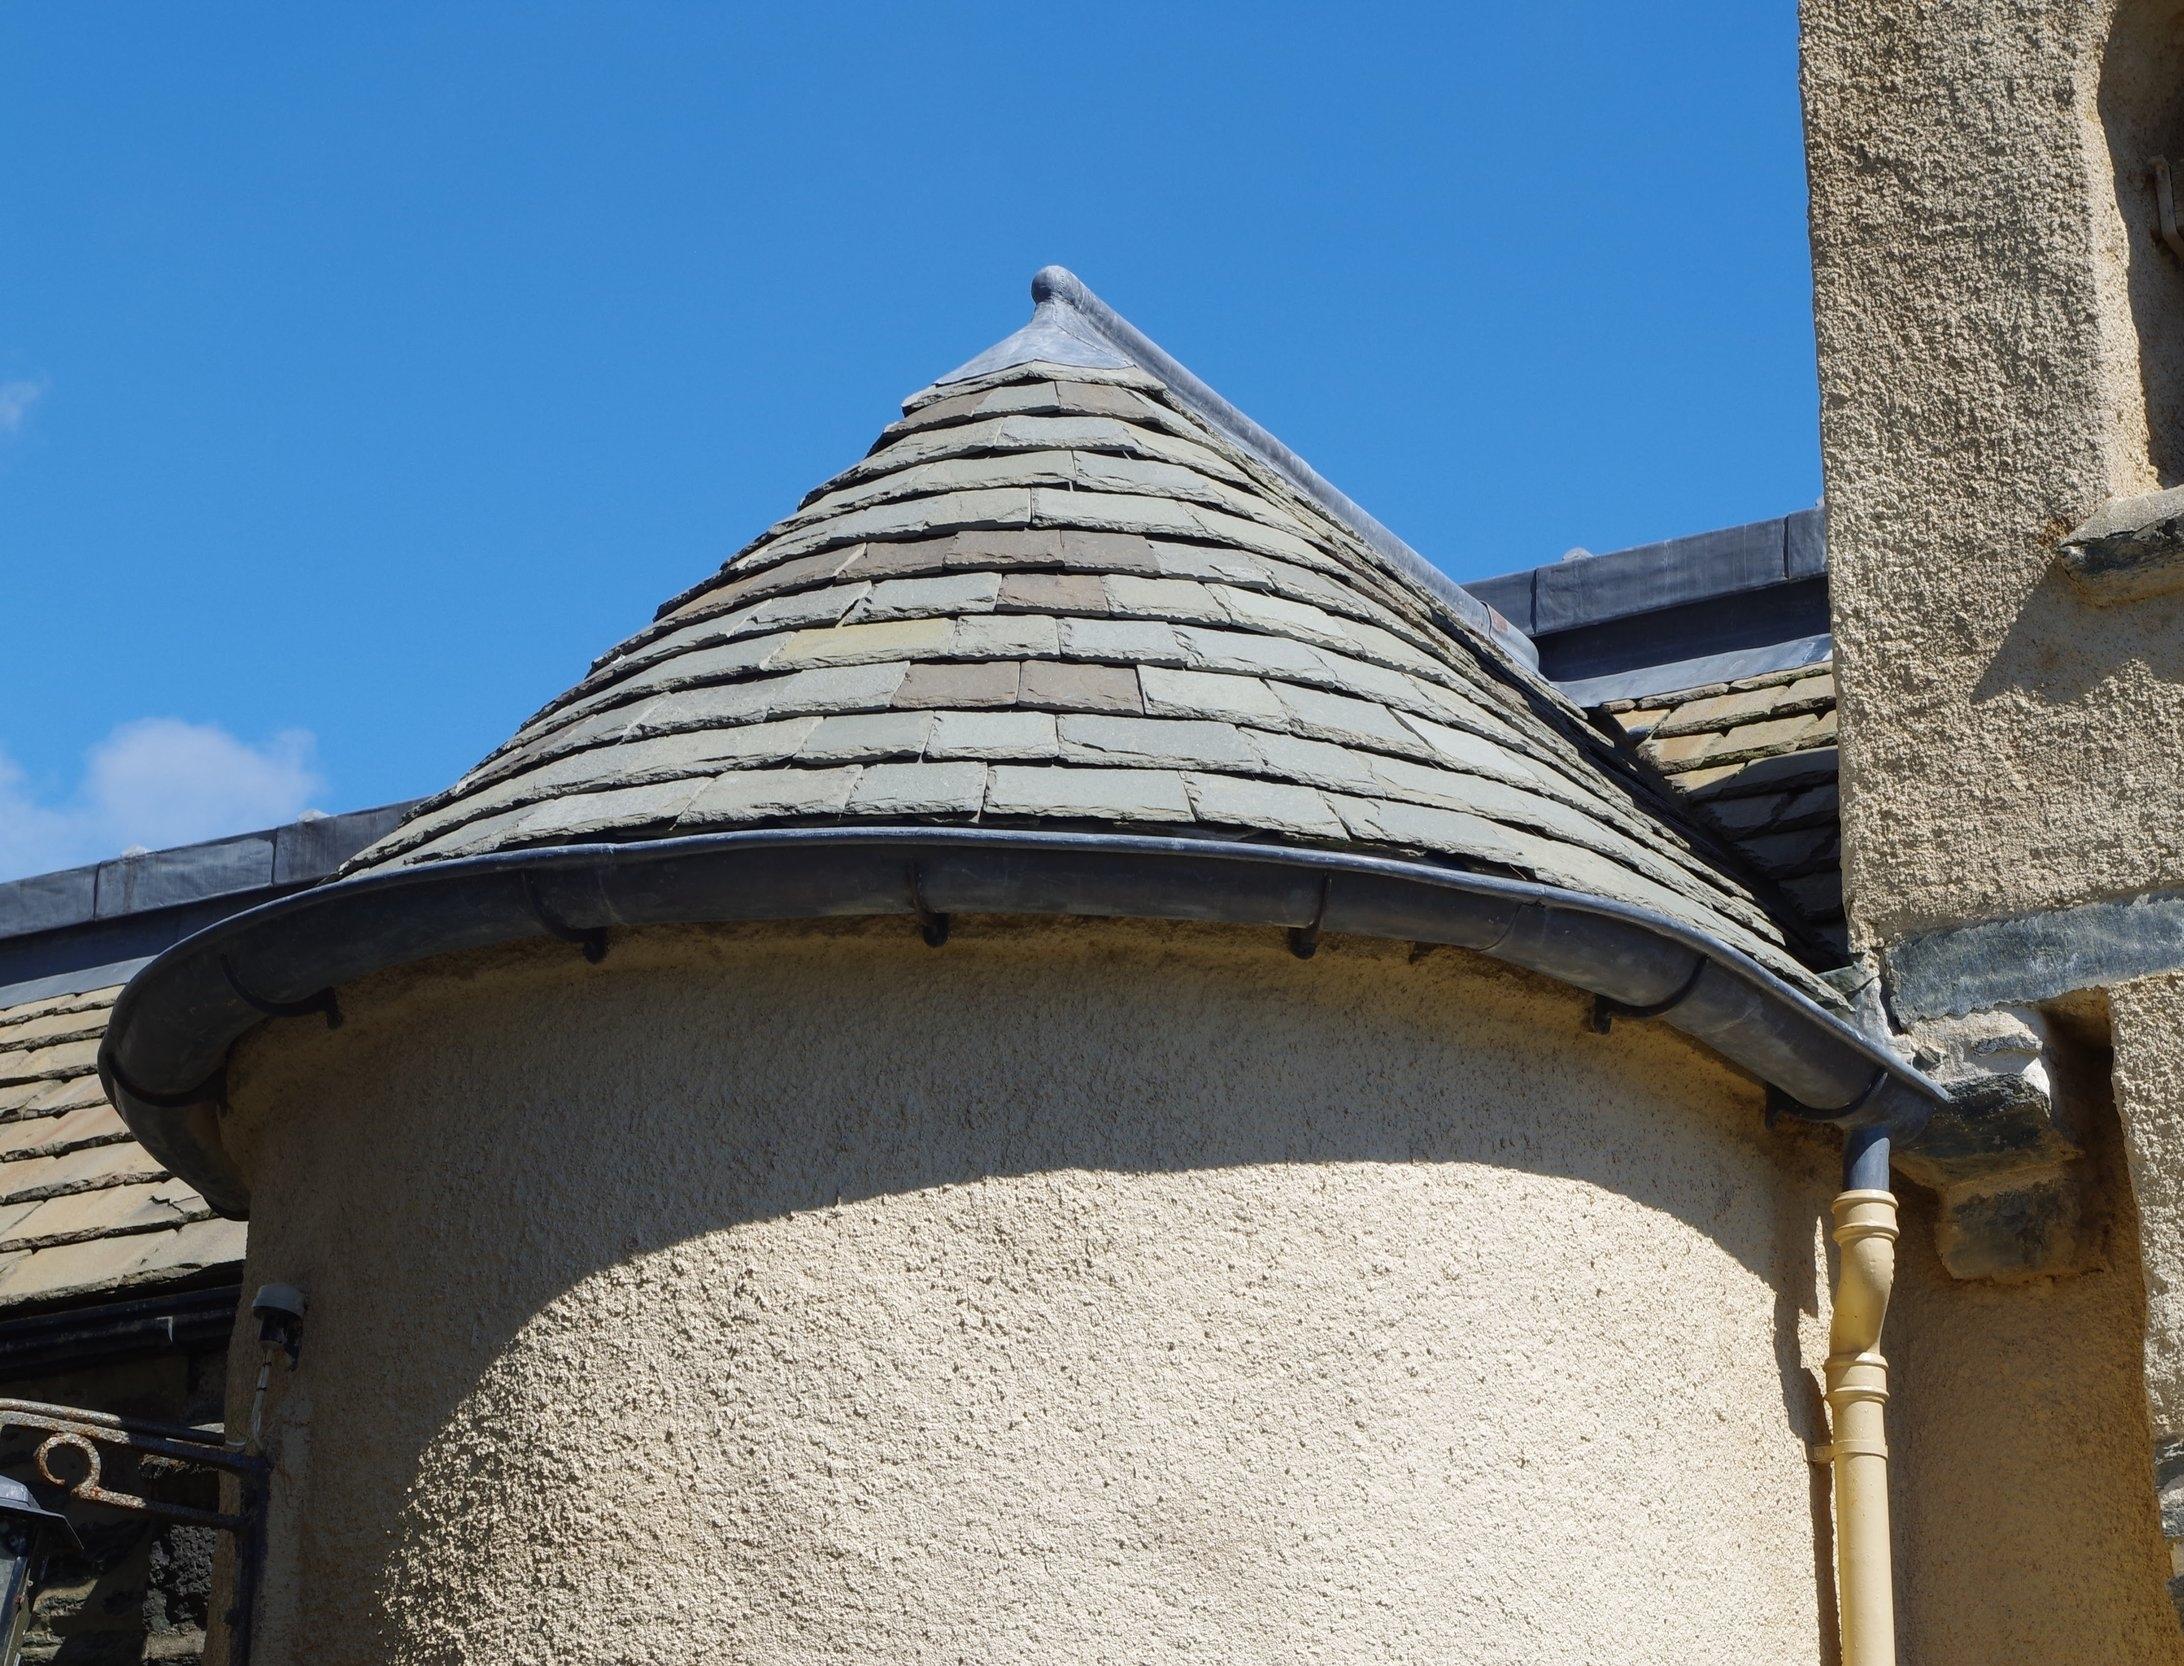 Caithness Flagstone Roof Slates